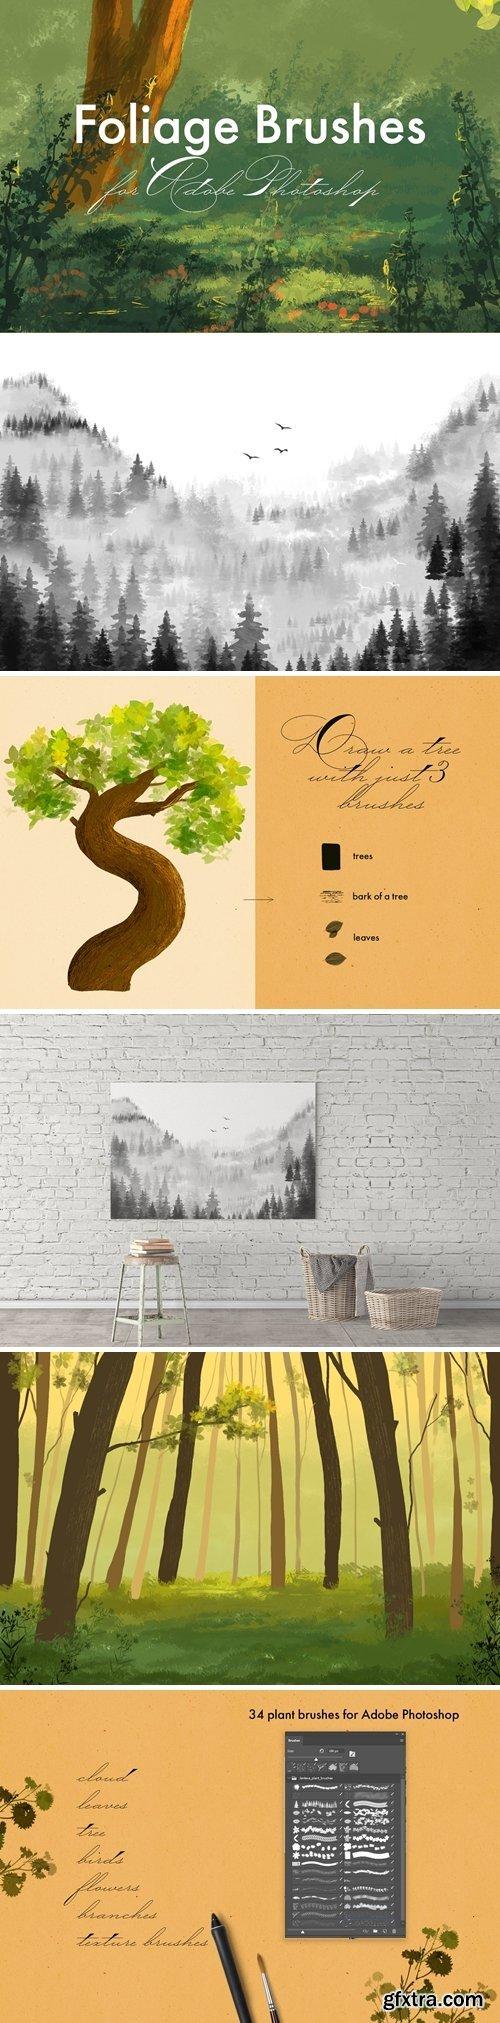 CM - Foliage Brushes for Adobe Photoshop 2960760